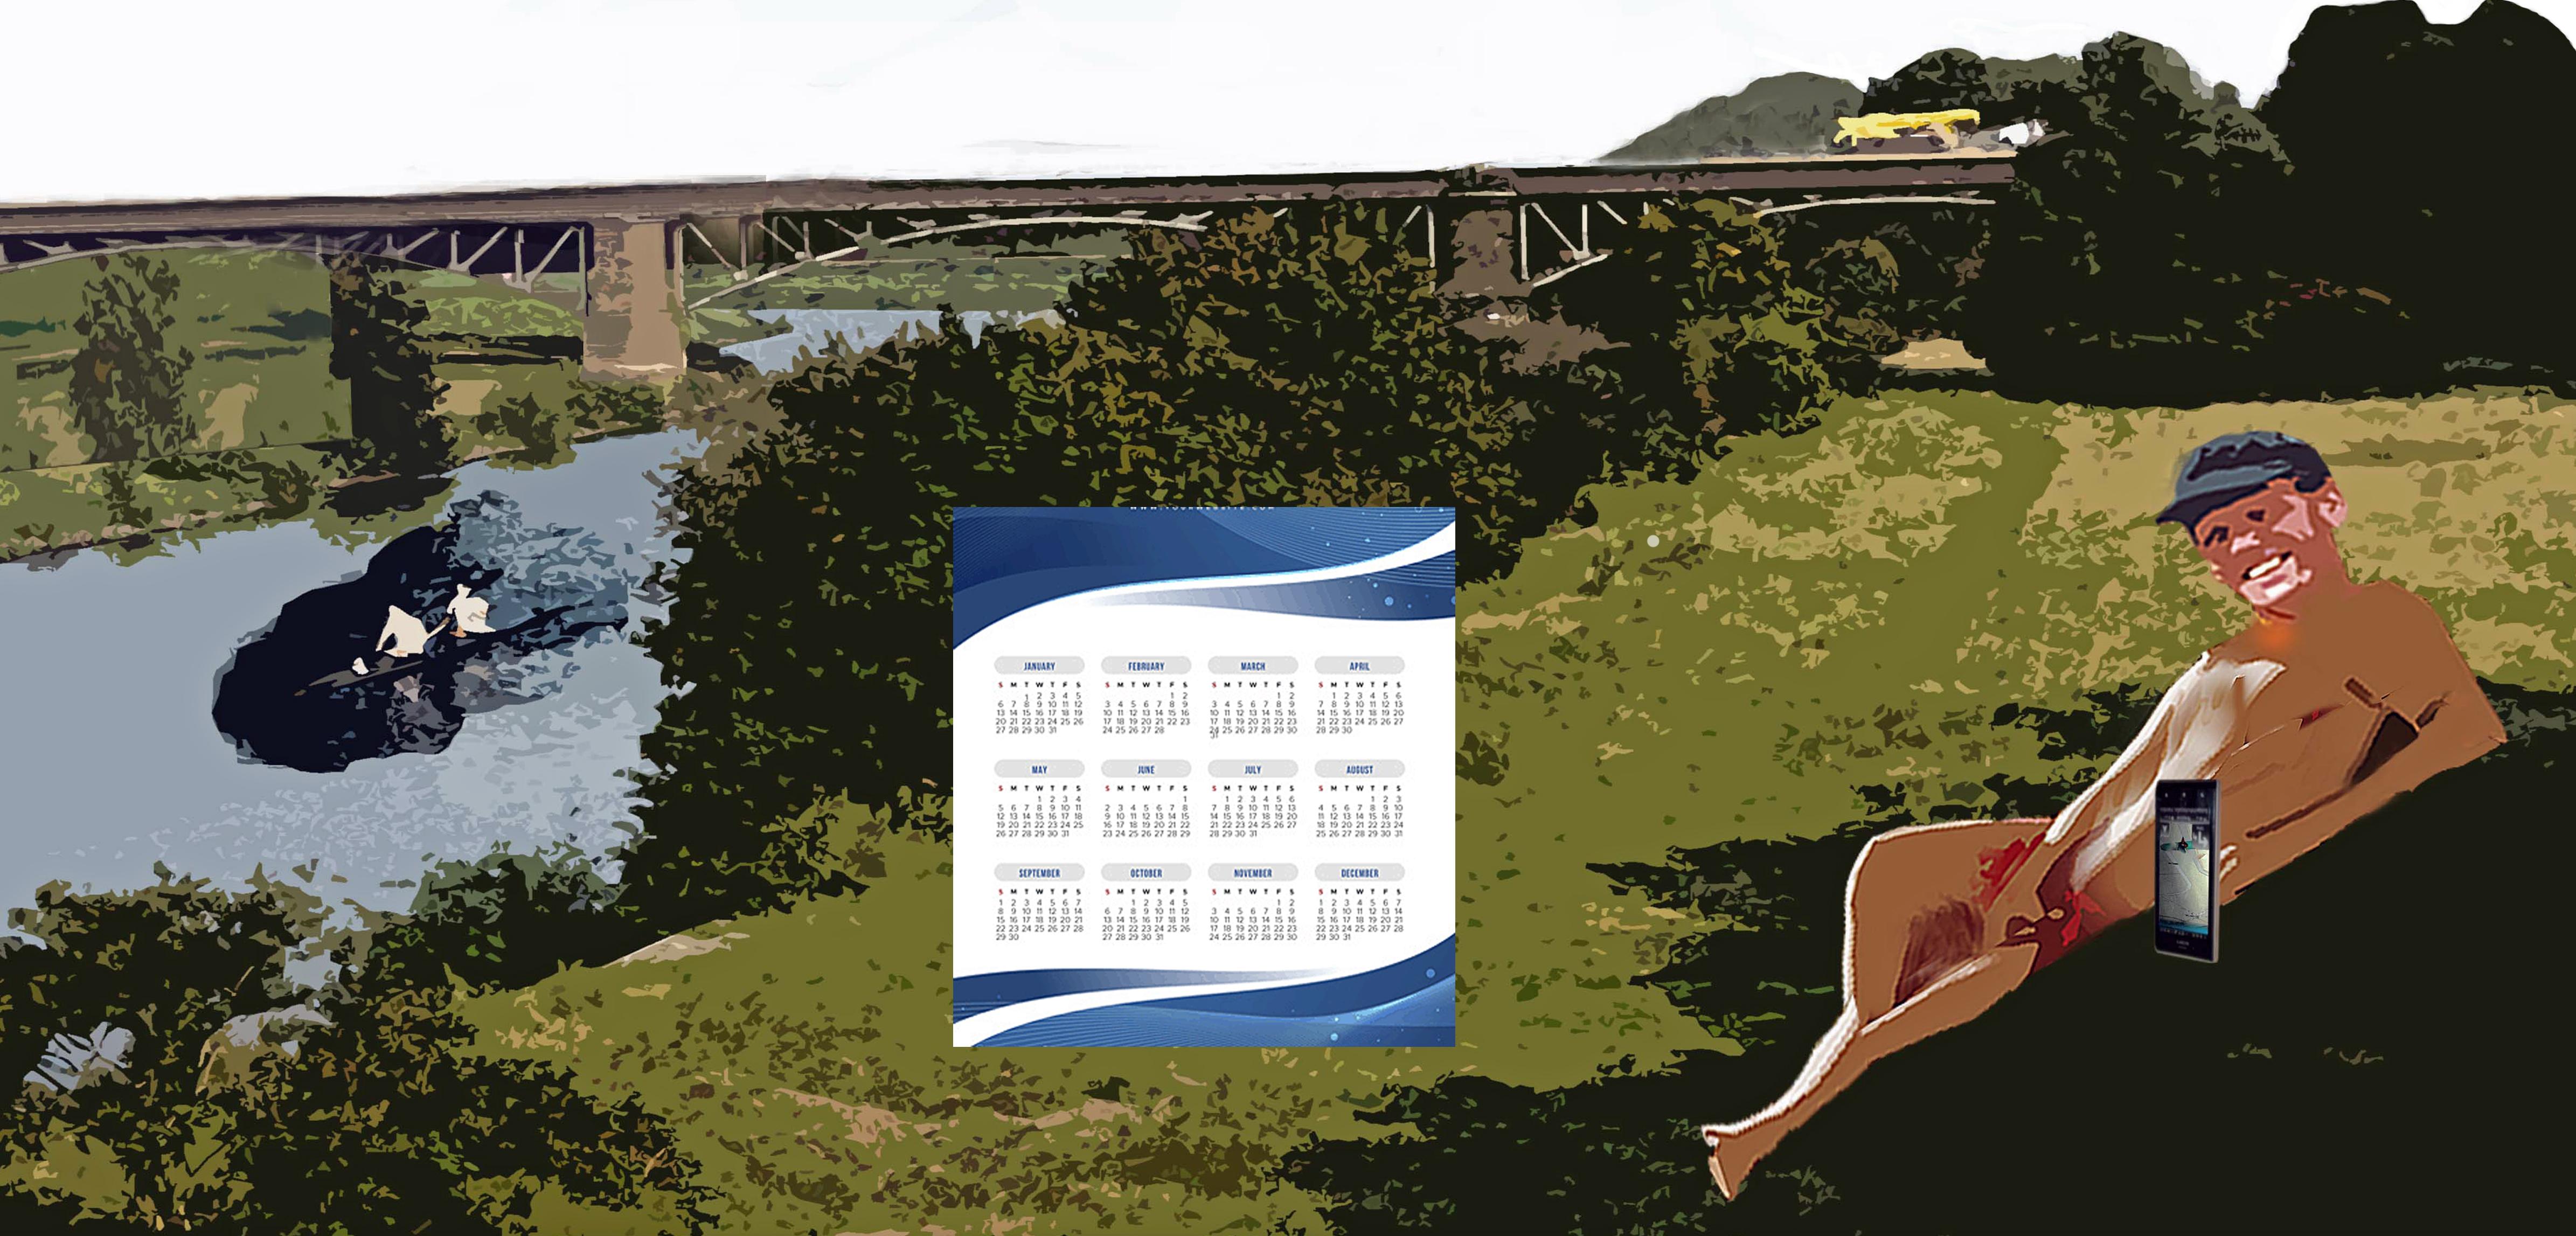 Nackter Mann am Ruhrufer; in der Mitte Kalender